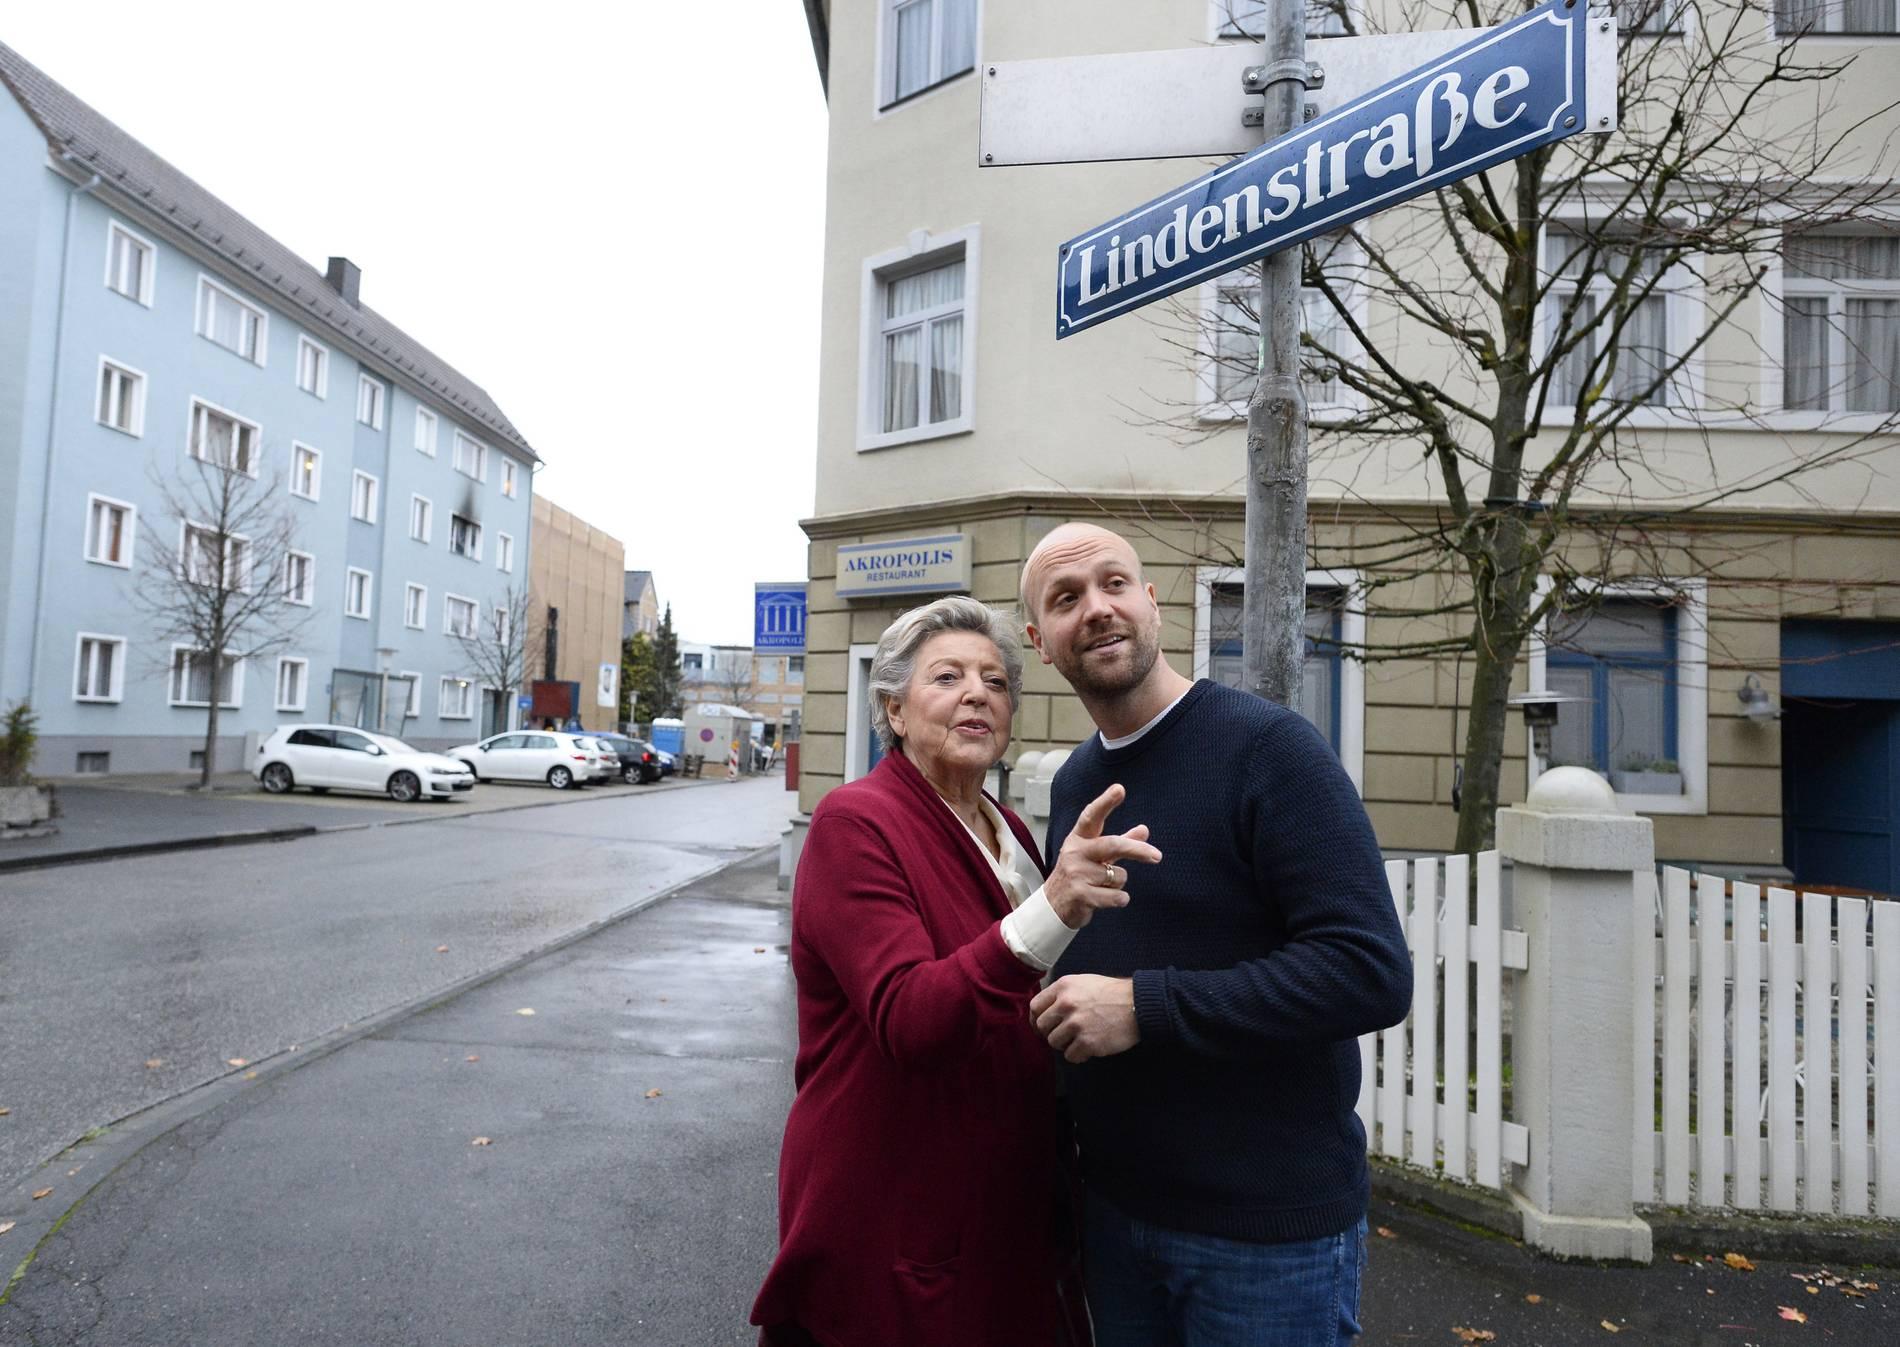 Letzte Folge Lindenstraße